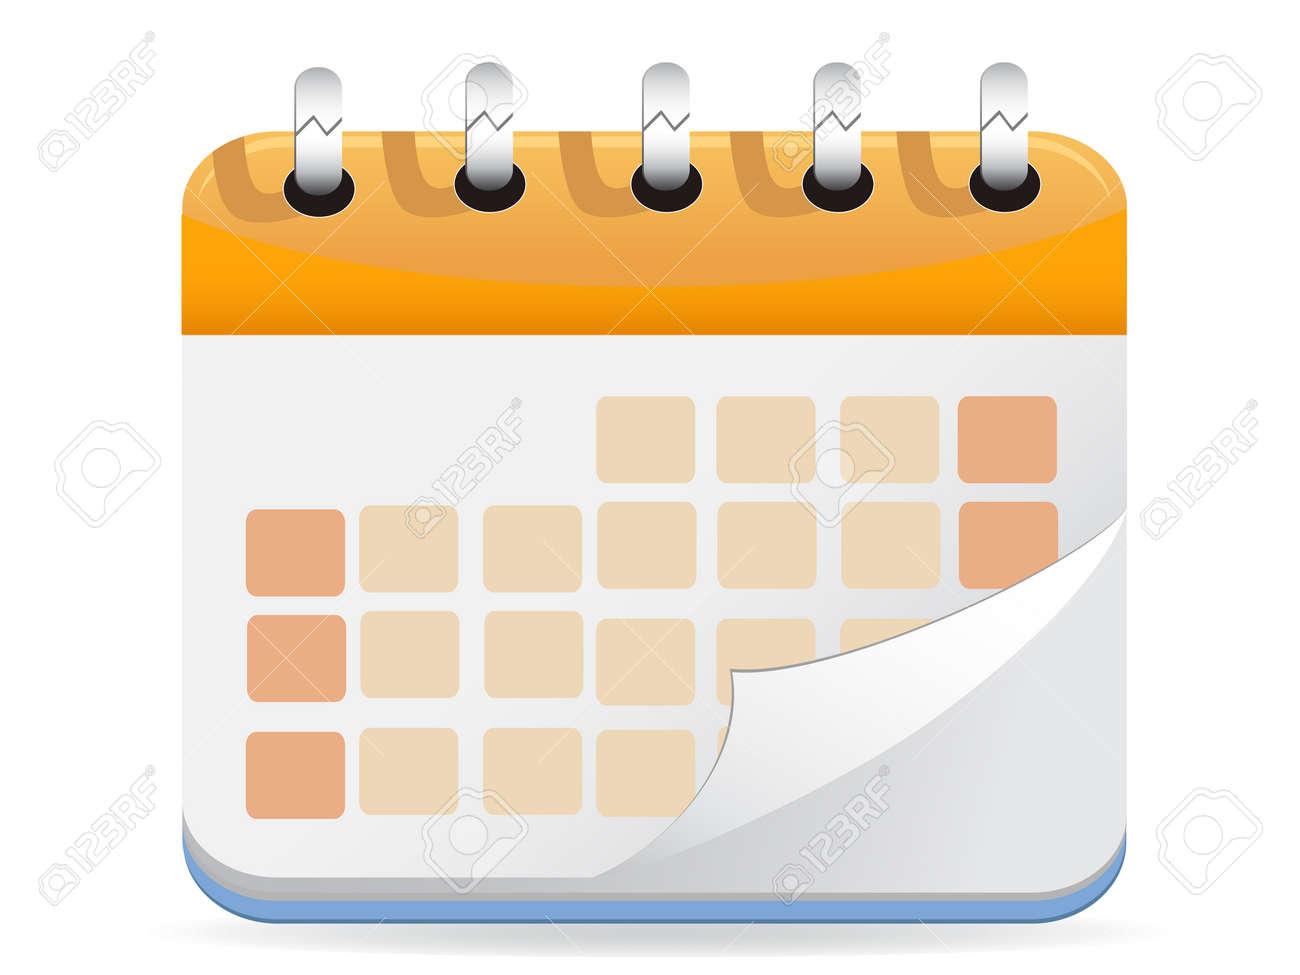 Calendar for web design - 8711226